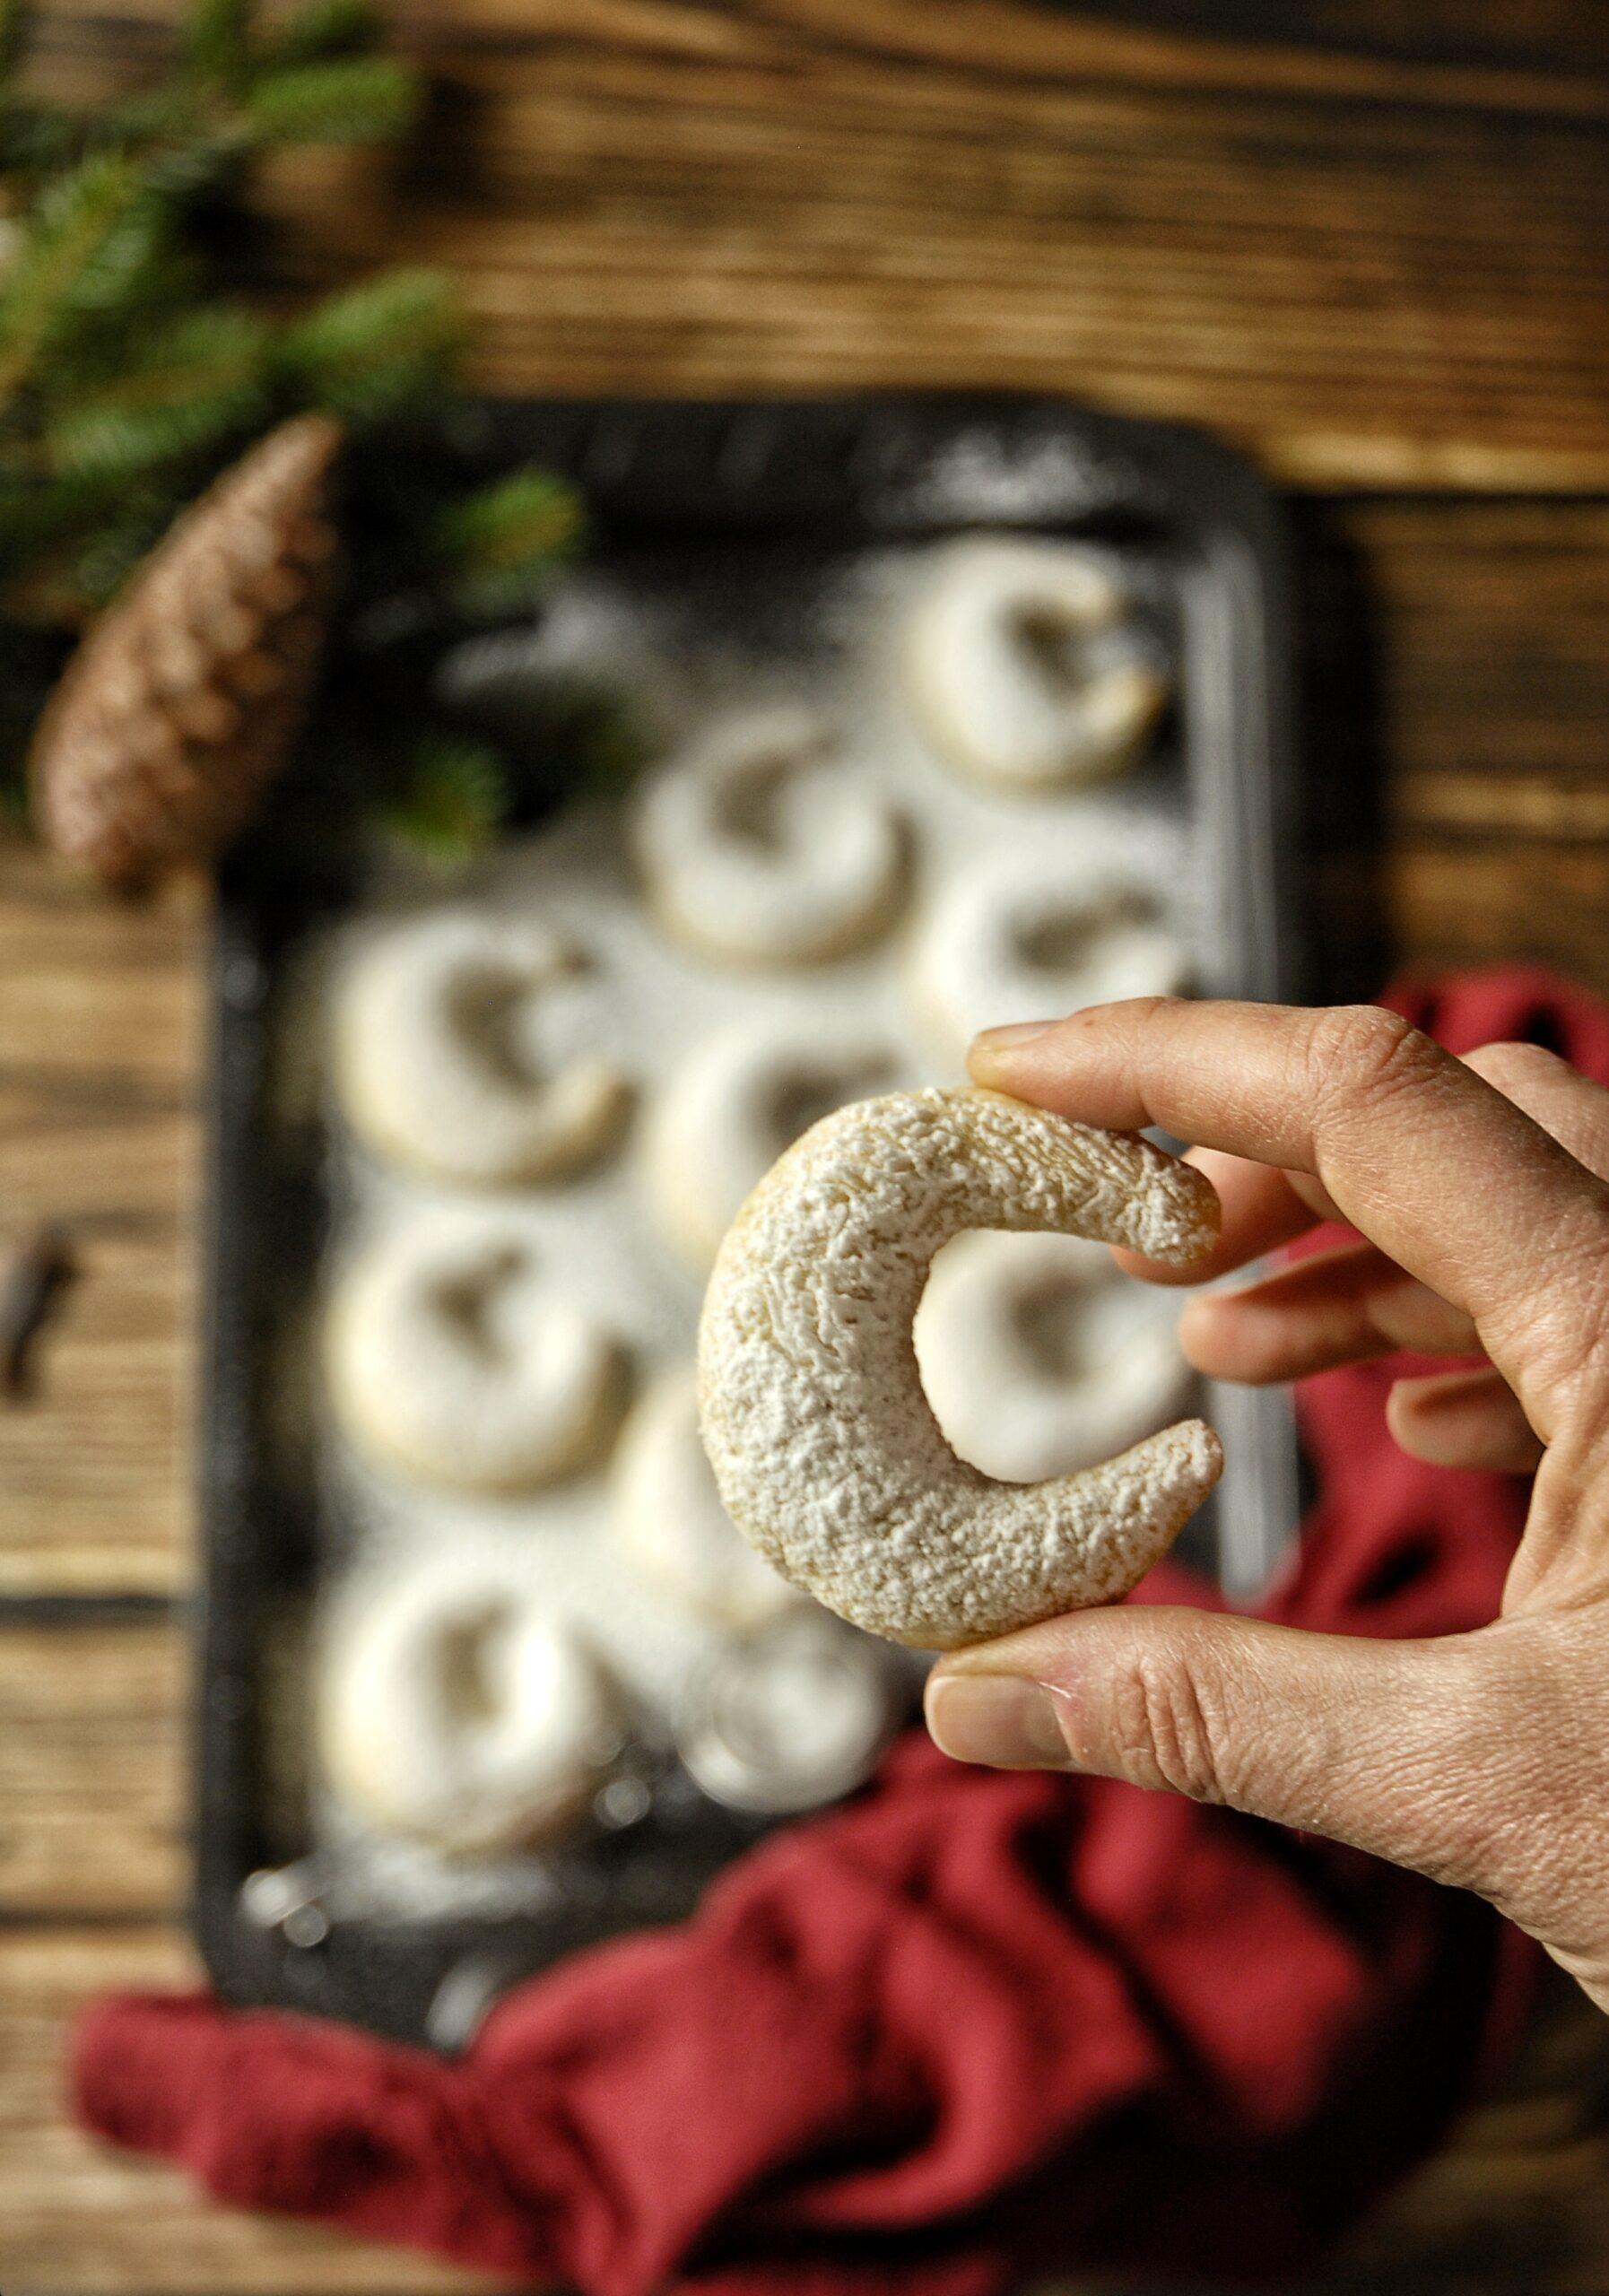 Kipferl di mandorle alla vaniglia